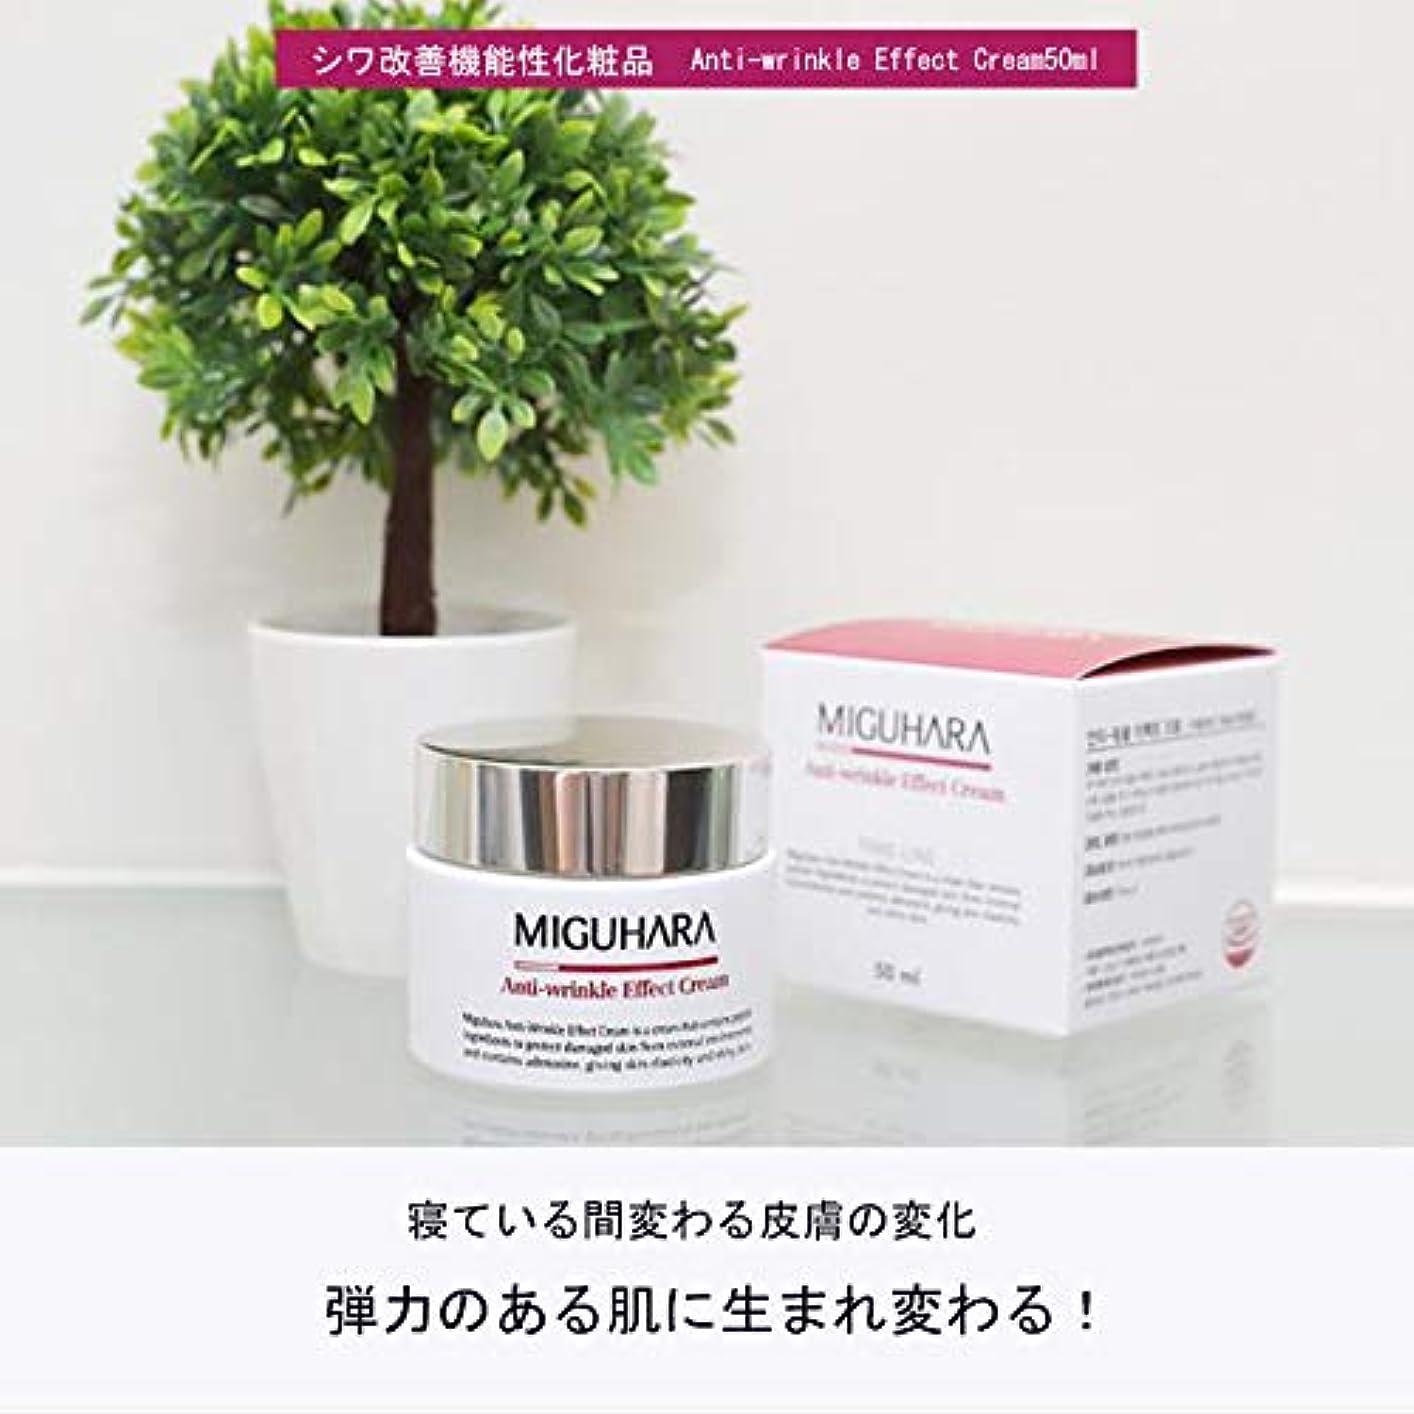 テスピアンアーク小さなMIGUHARA アンチ-リンクルエフェクトクリーム 50ml / Anti-wrinkle Effect Cream 50ml